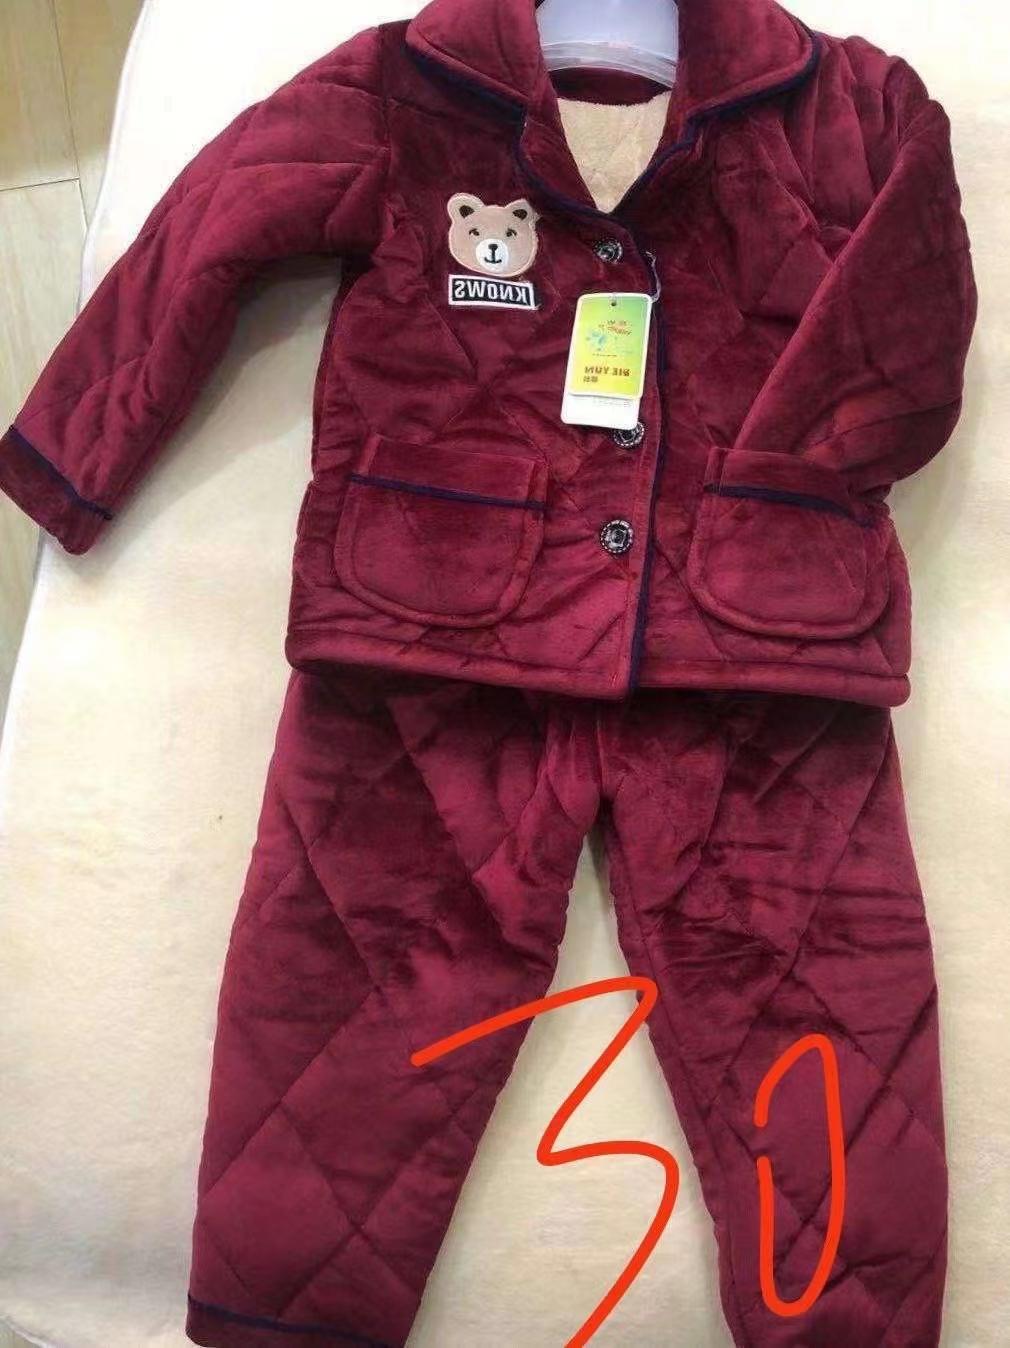 贝贝绒夹棉套装,1500套左右,可分货尺码6到16